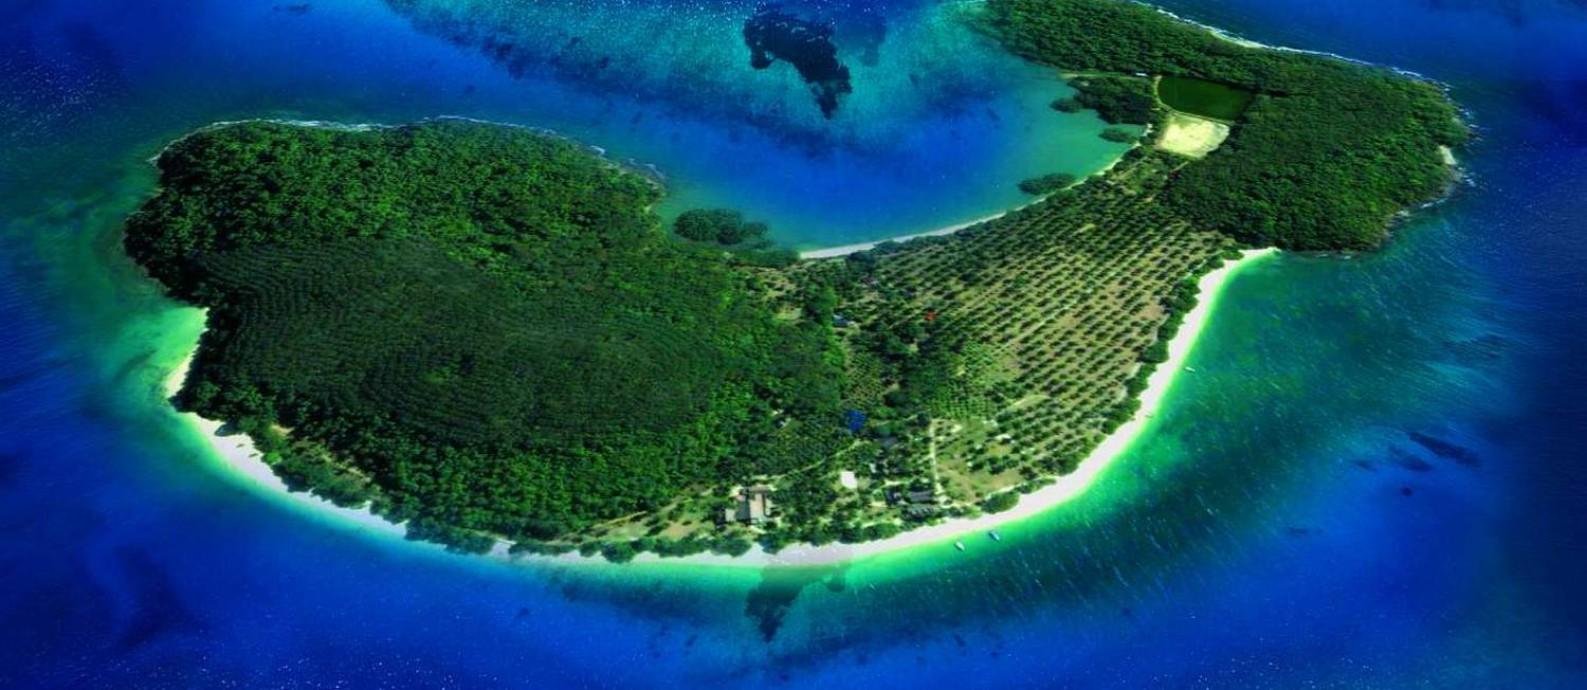 Ilha Rangyai, na Tailândia, está entre as que integram catálogo da Private Islands Inc: milionários buscam ilhas para se isolarem na quarentena deixando corretores sobrecarregados Foto: Reprodução